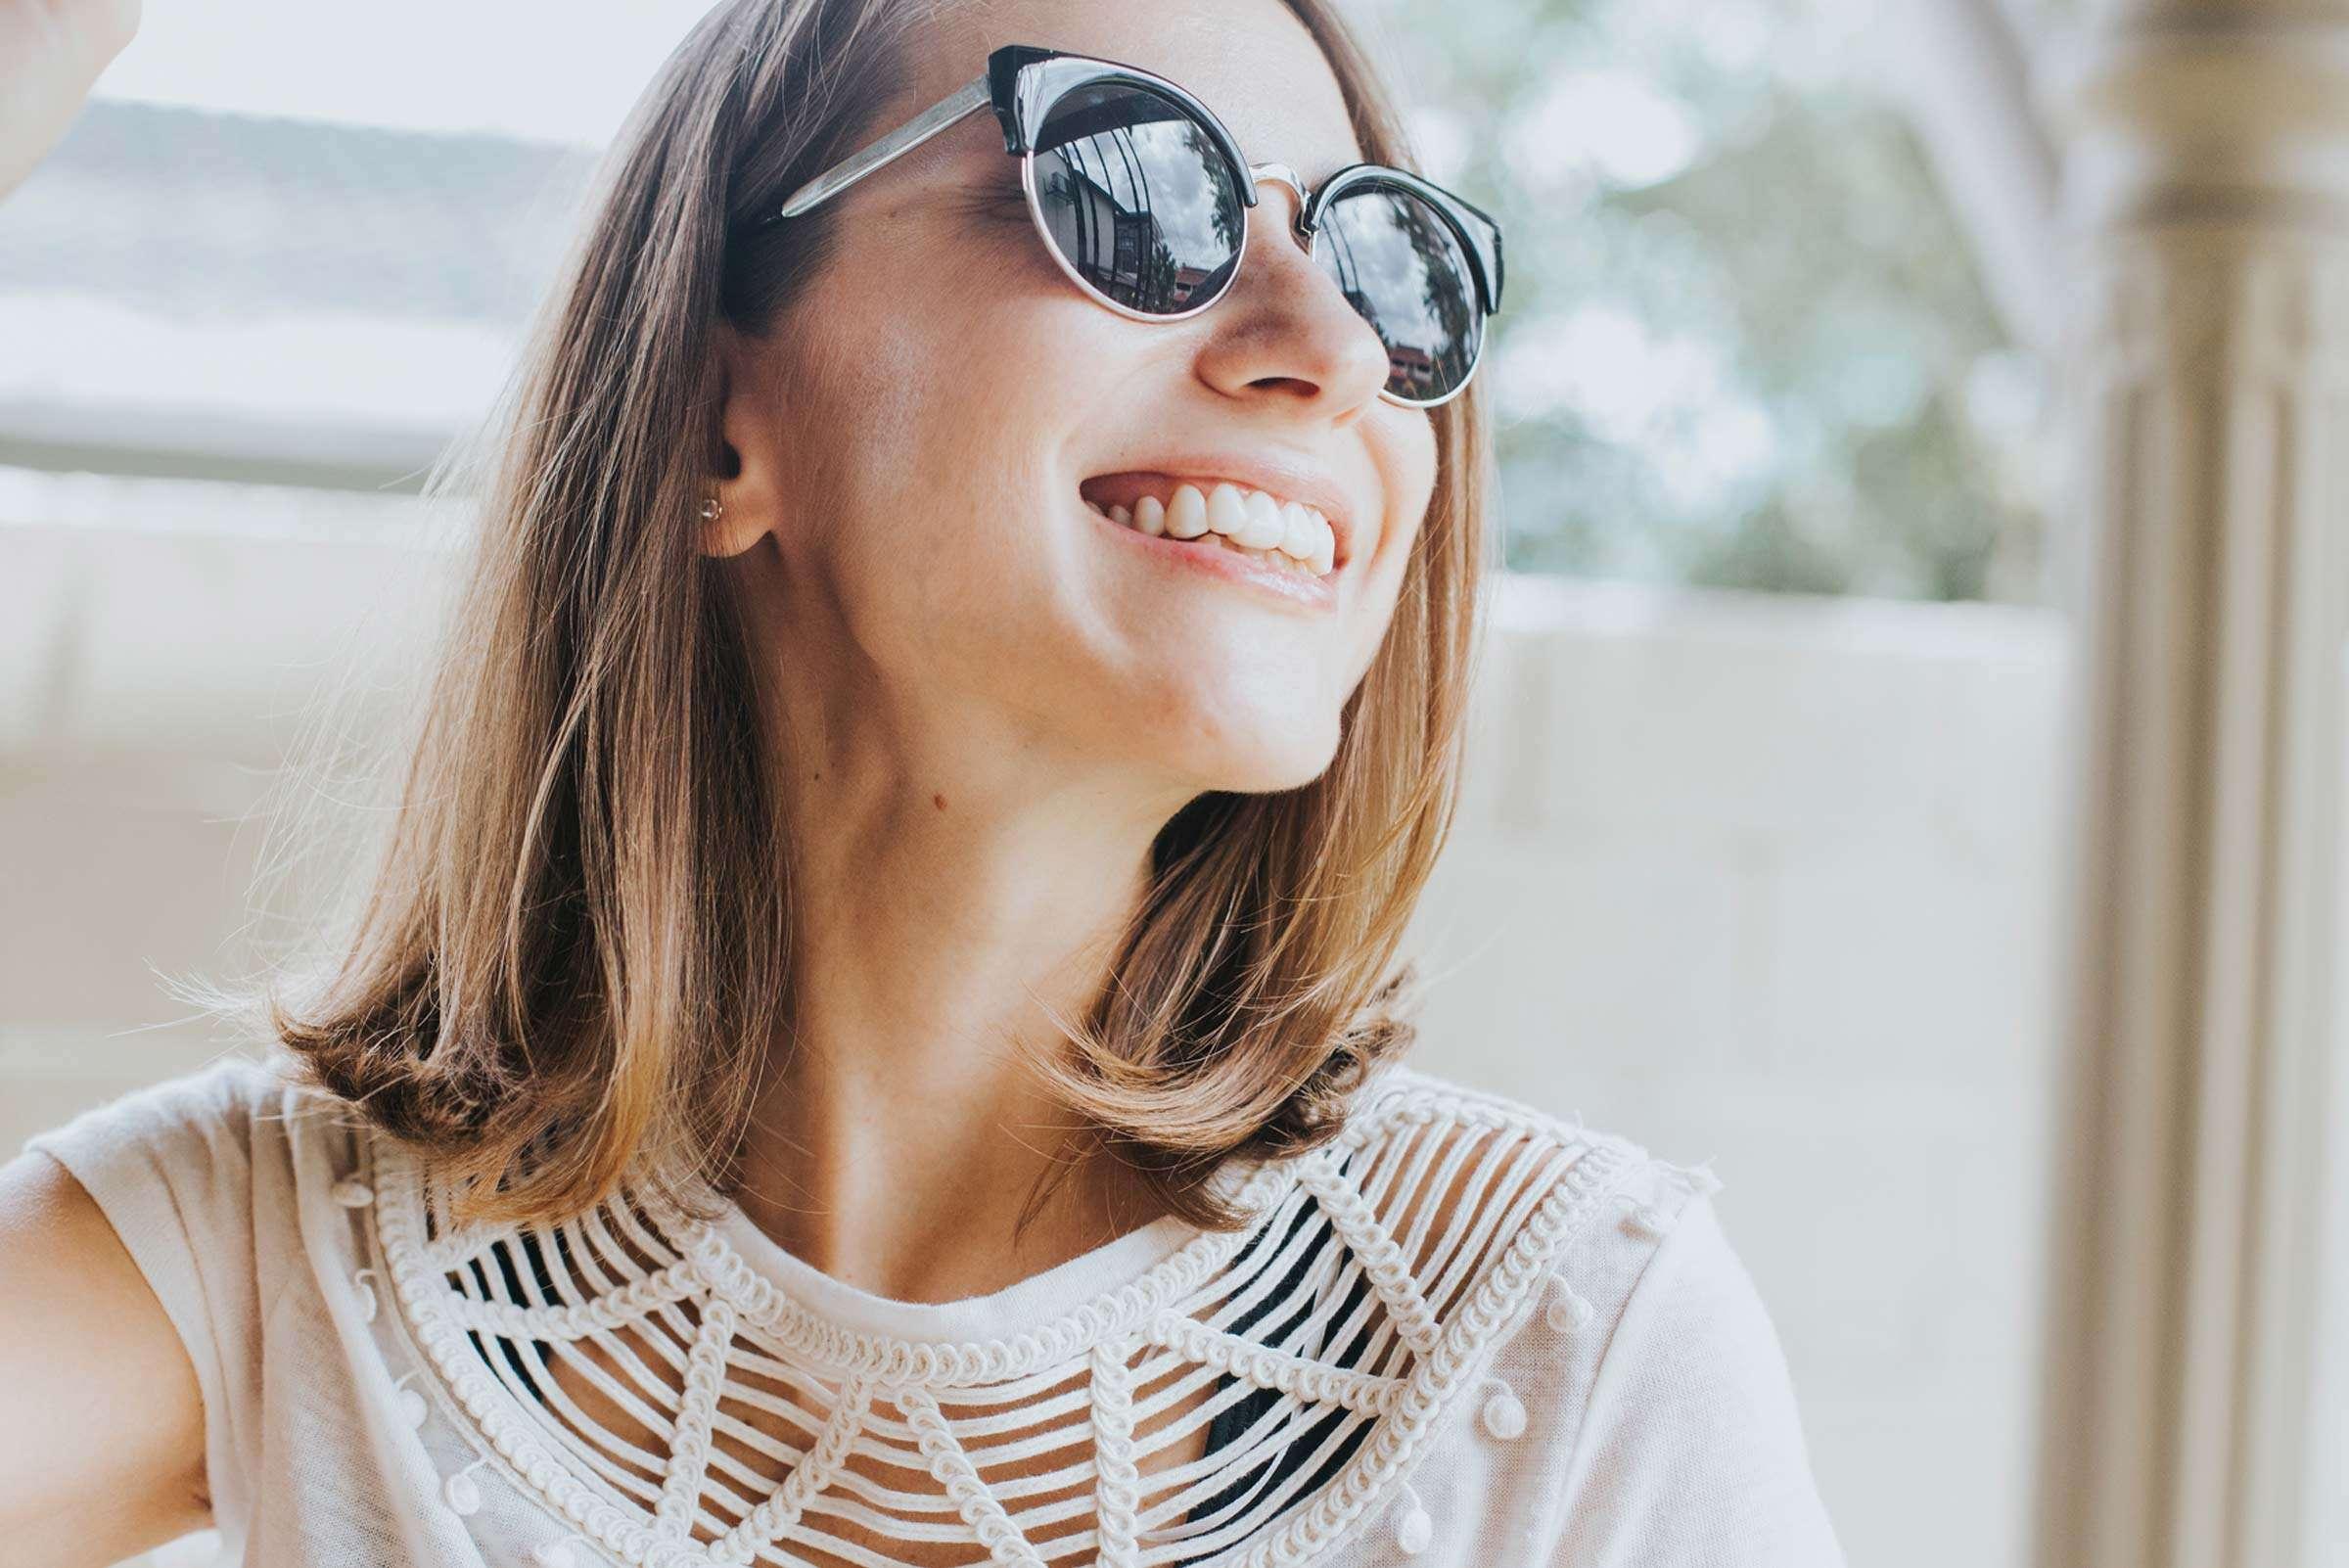 Tipos de gafas que favorecen tu rostro